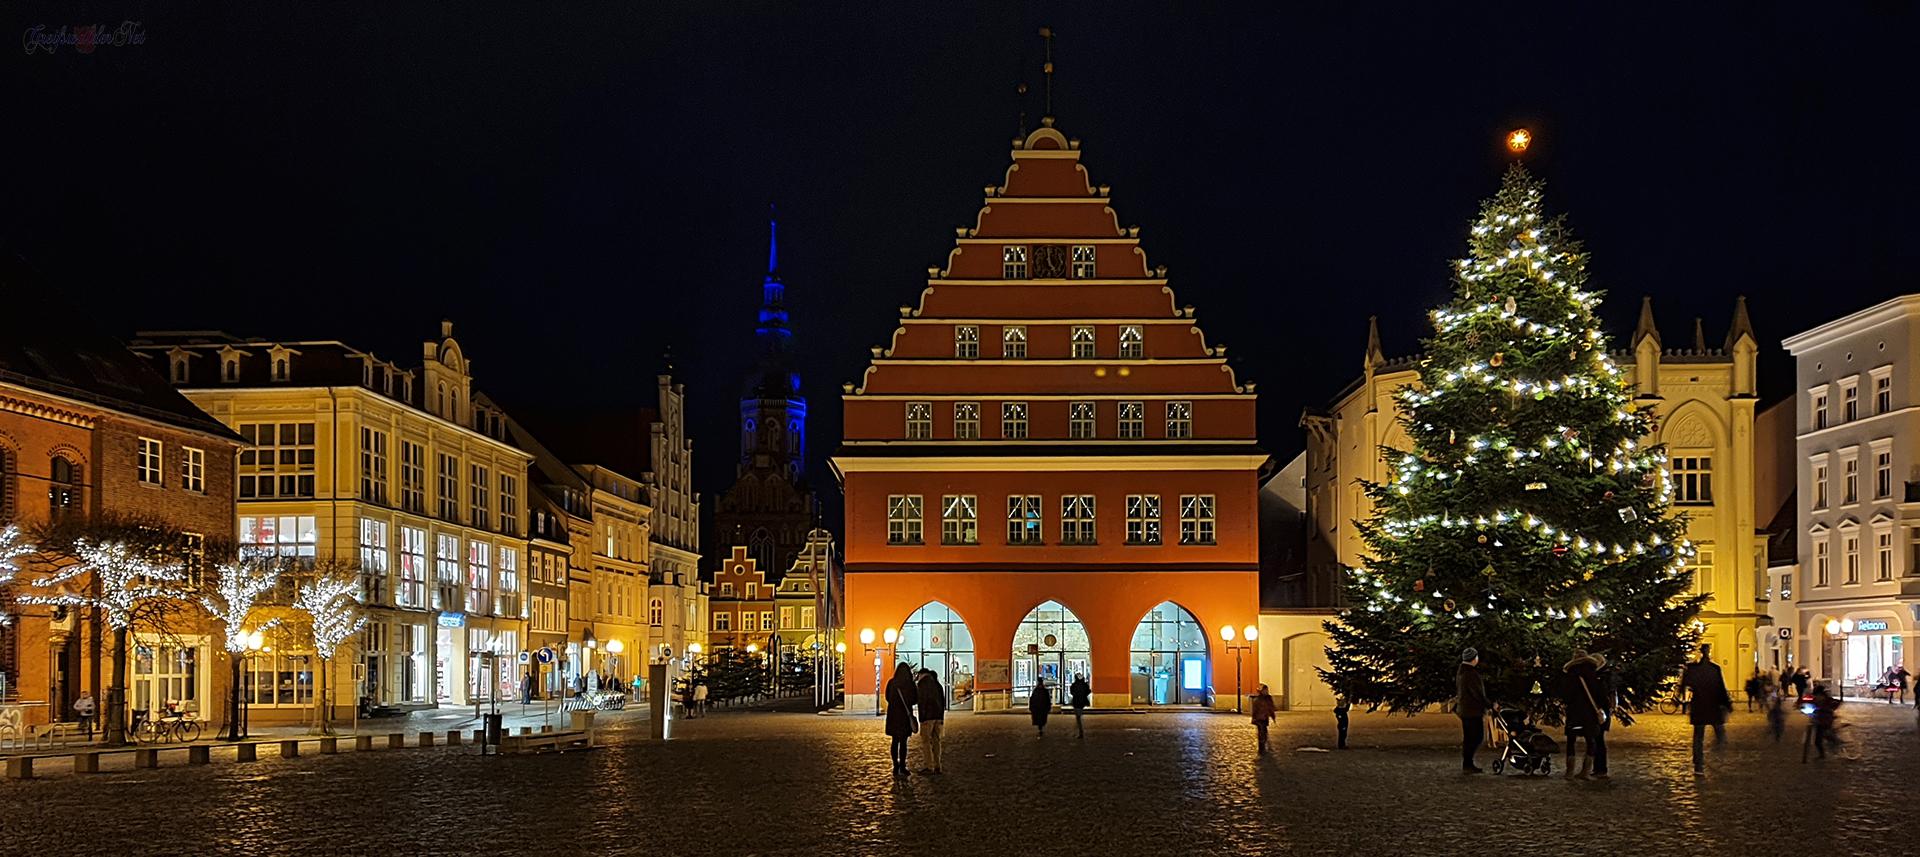 Adventssonntag-Abend auf dem Marktplatz in Greifswald